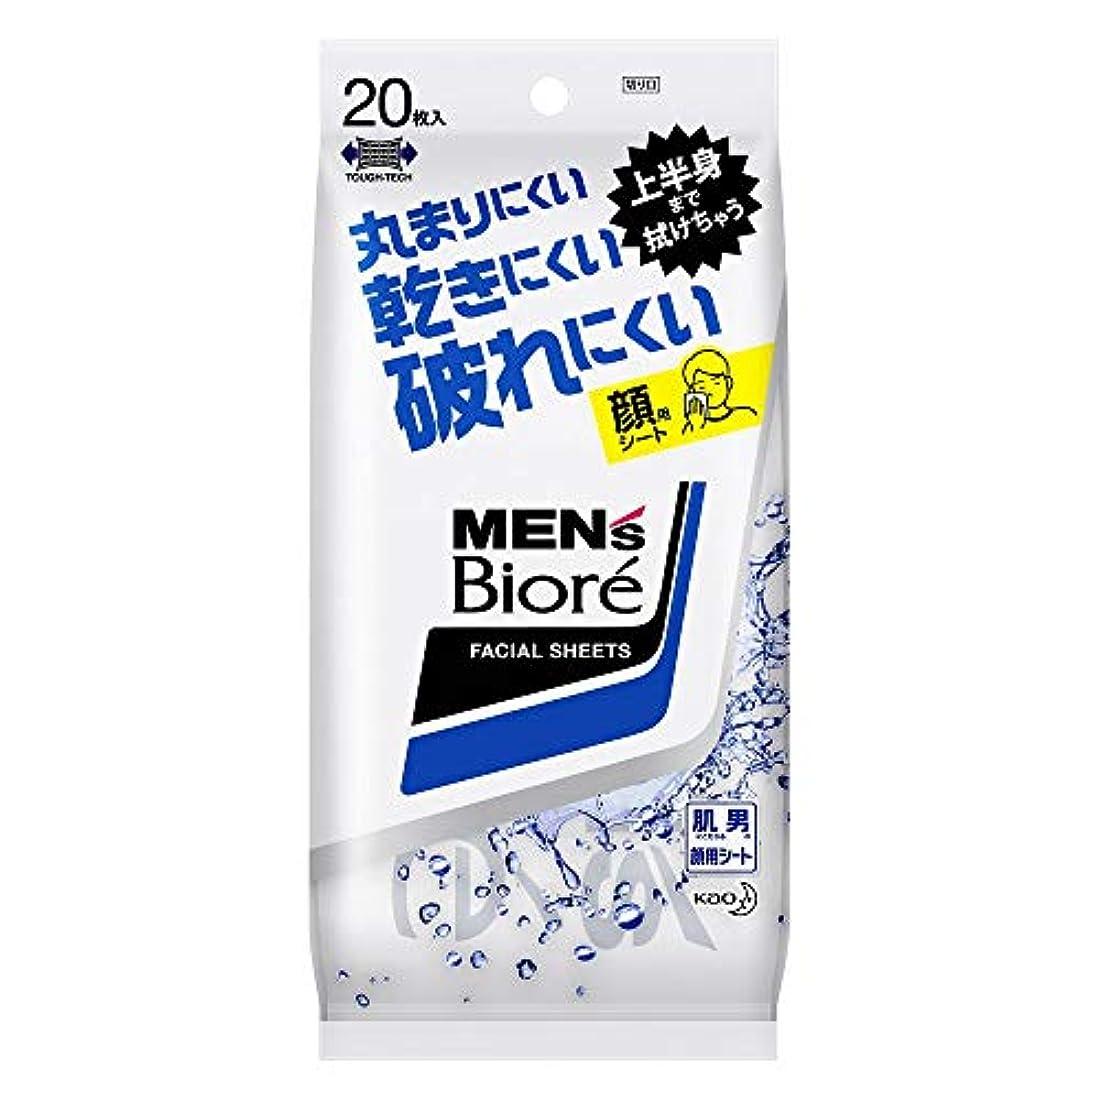 歯車ホバー意見花王 メンズビオレ 洗顔シート 携帯用 20枚